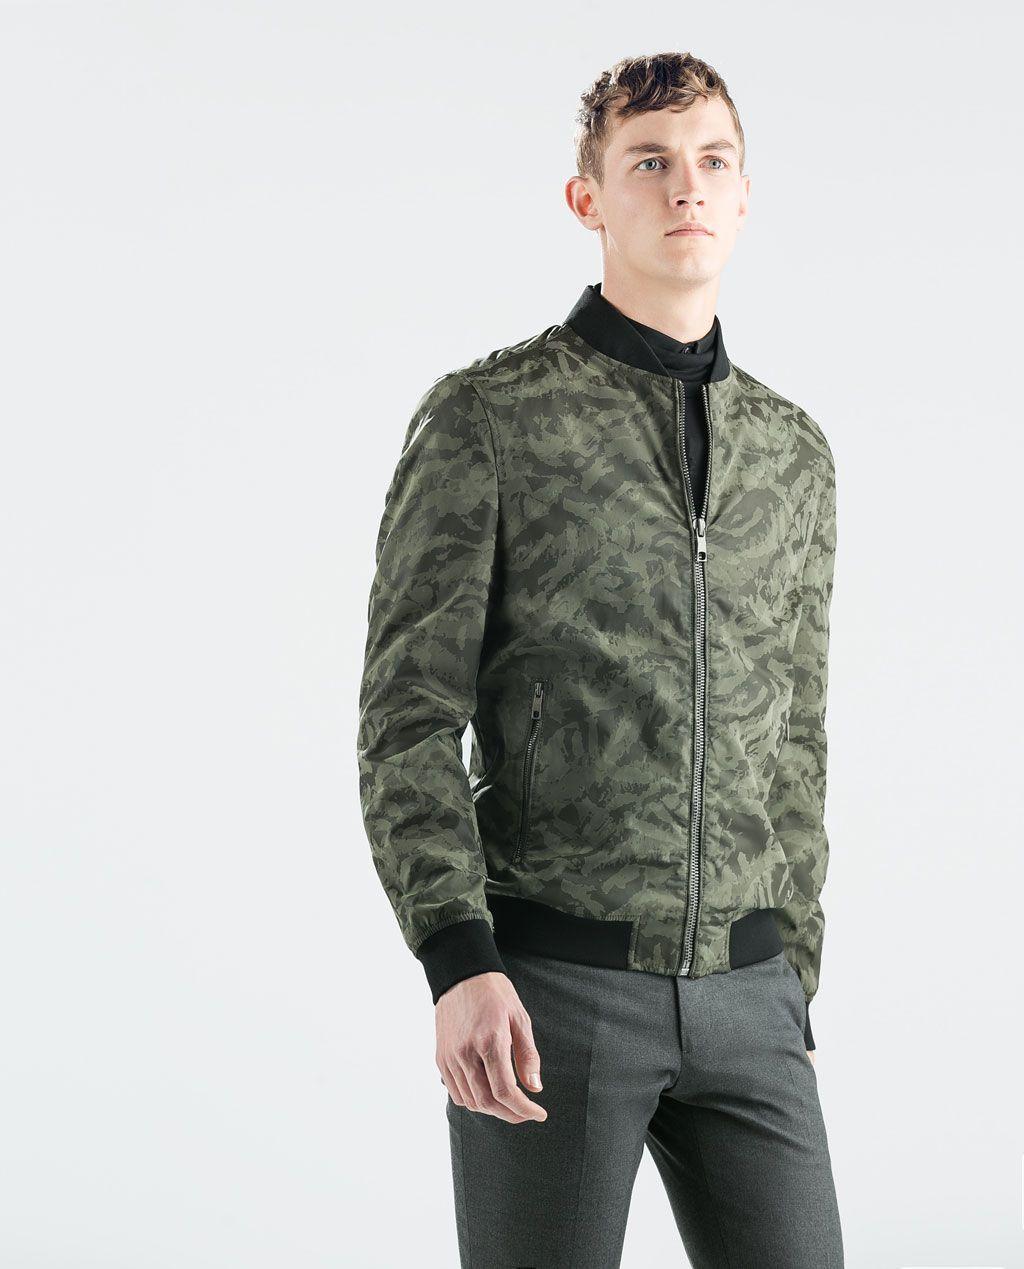 Pin By Justin Mercado On Fashion Faux Leather Bomber Jacket Faux Leather Bomber Leather Bomber Jacket Men [ 1269 x 1024 Pixel ]